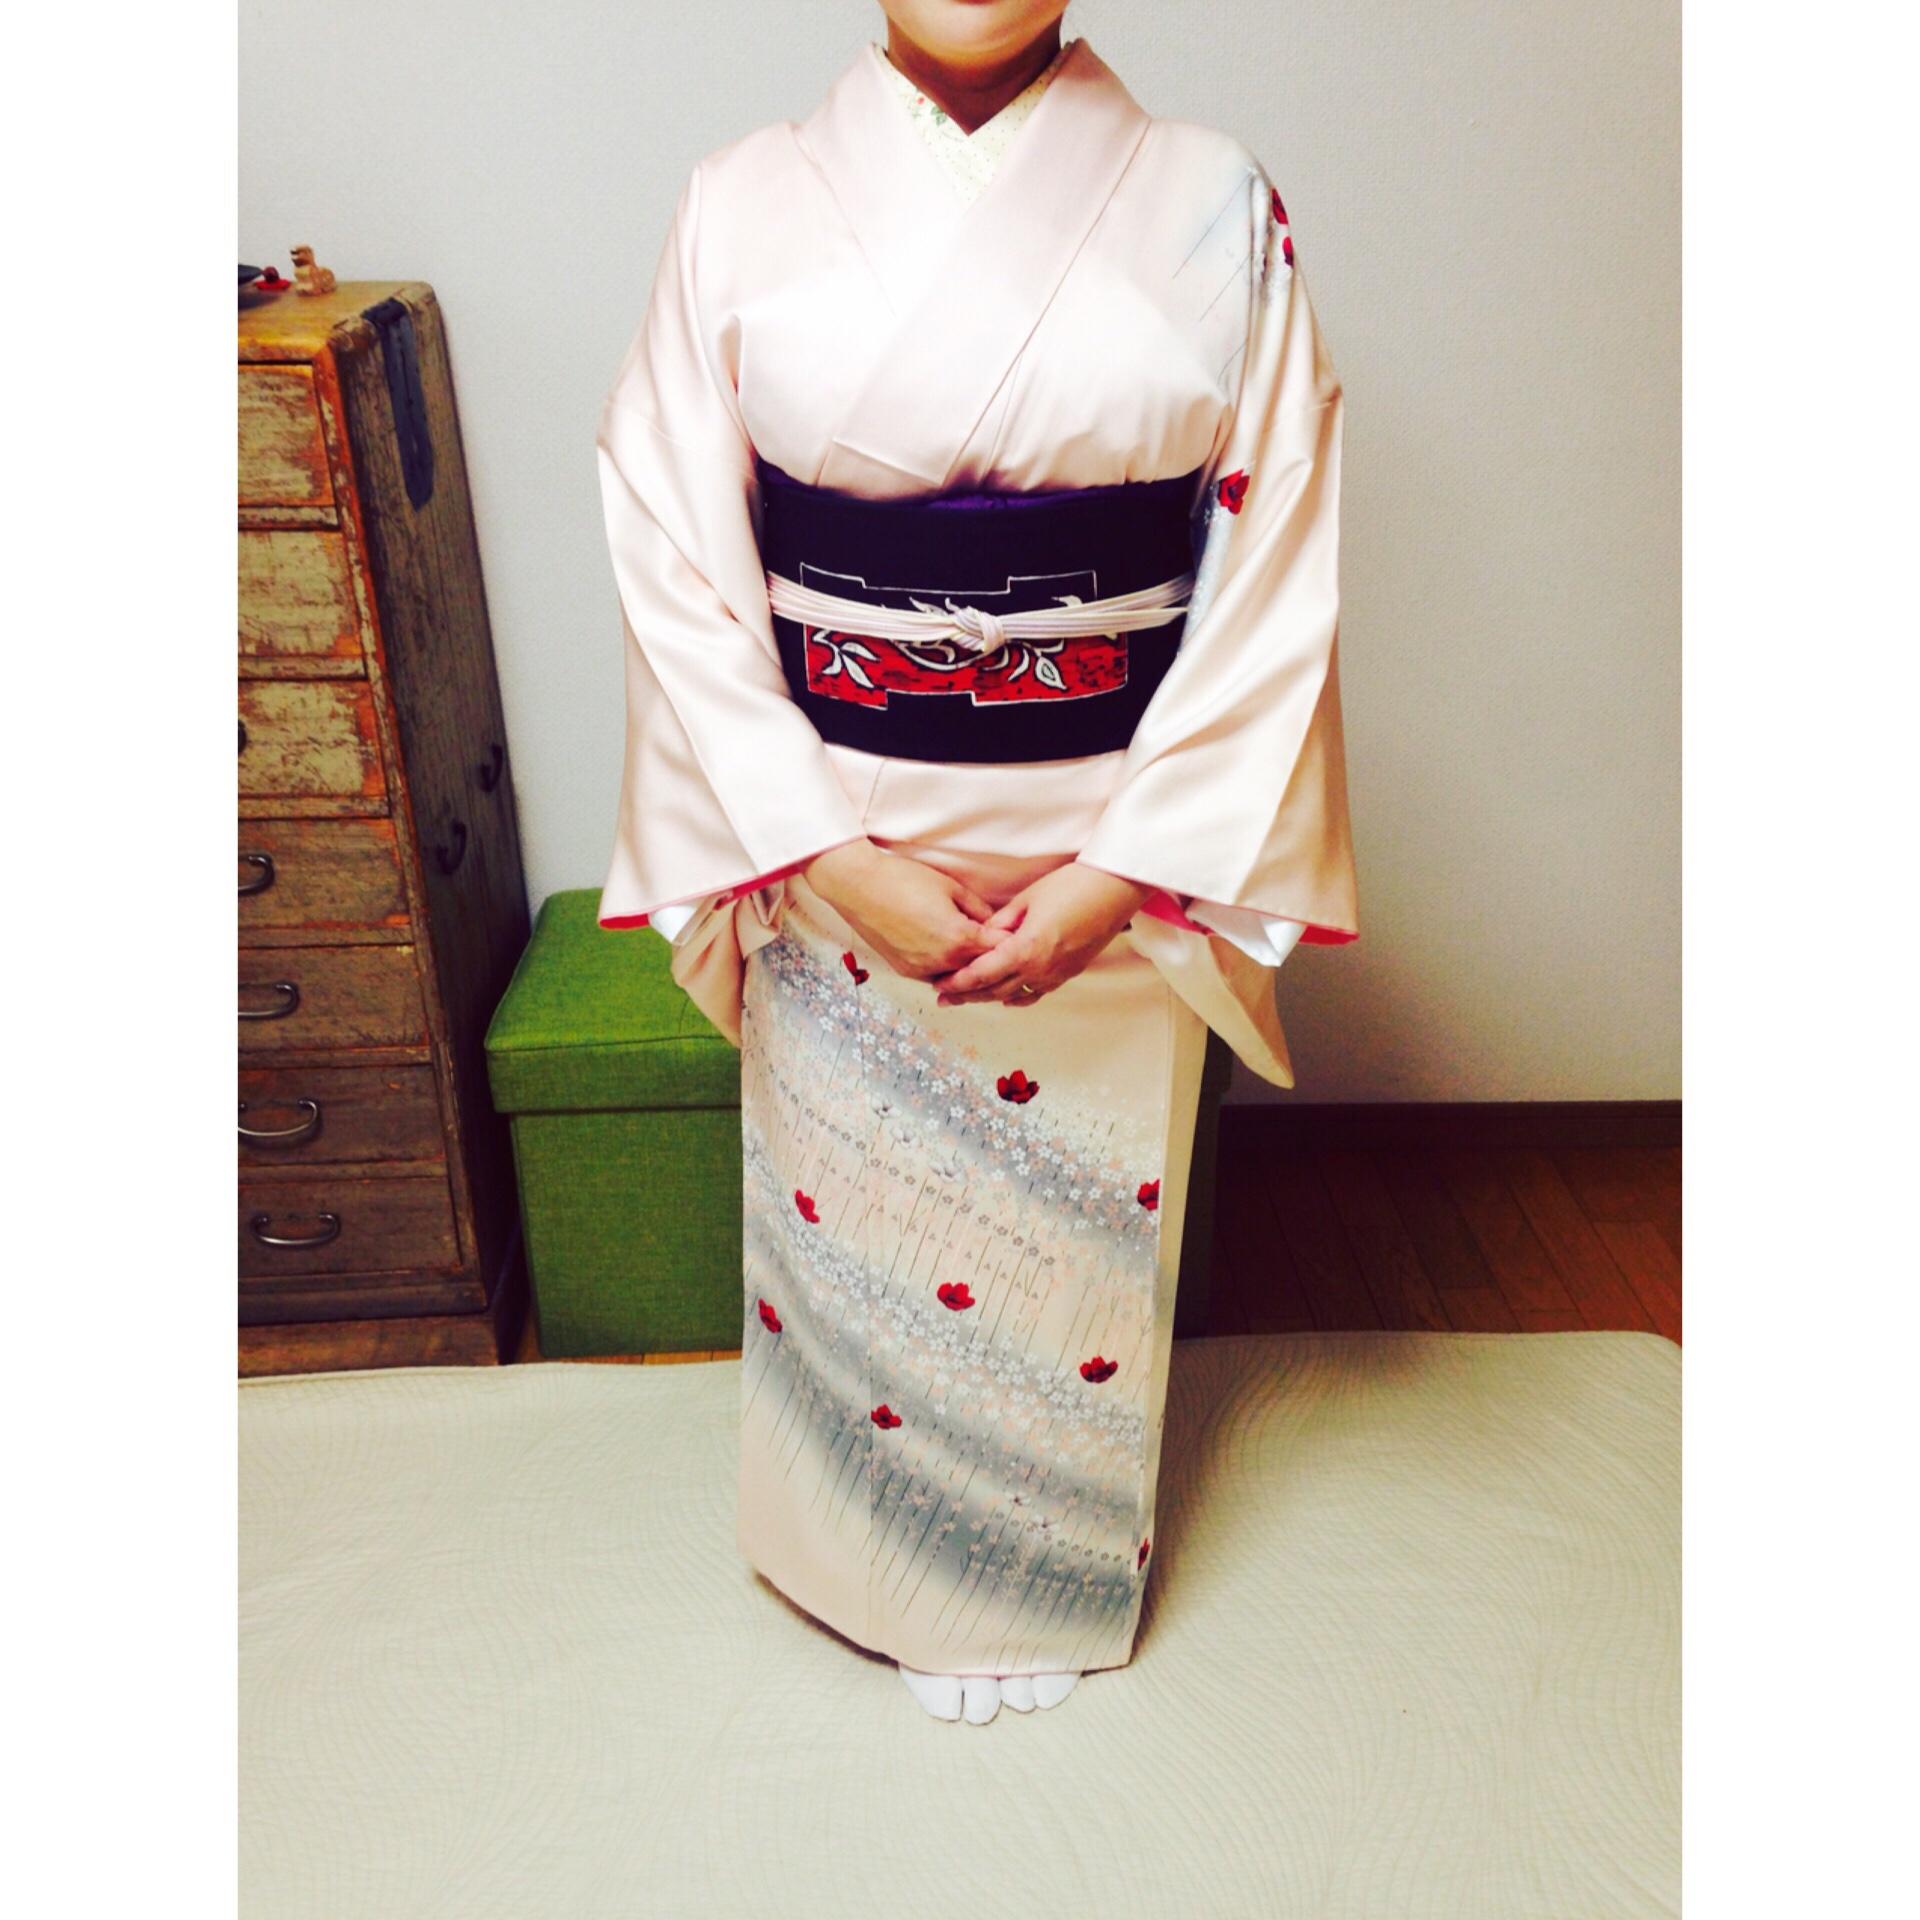 着物をビシッと着るには空気を抜いて布を身体に沿わせる【大阪京橋の着付け教室きものたまより】